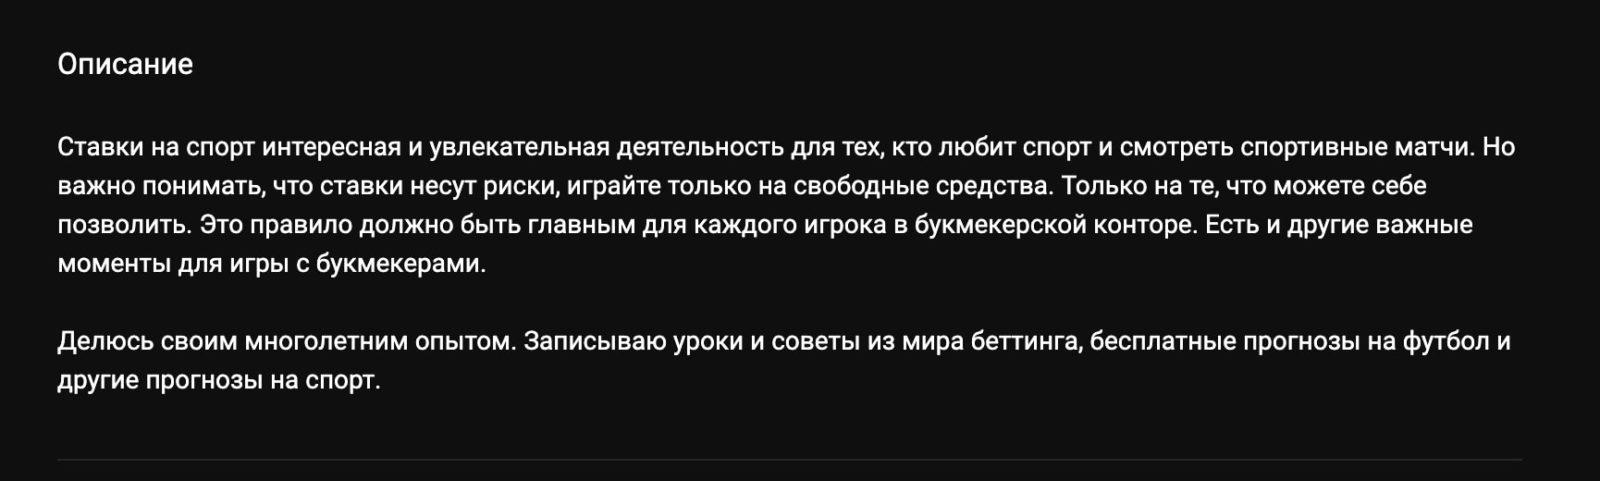 Описание ютуб канала Игоря Гущина